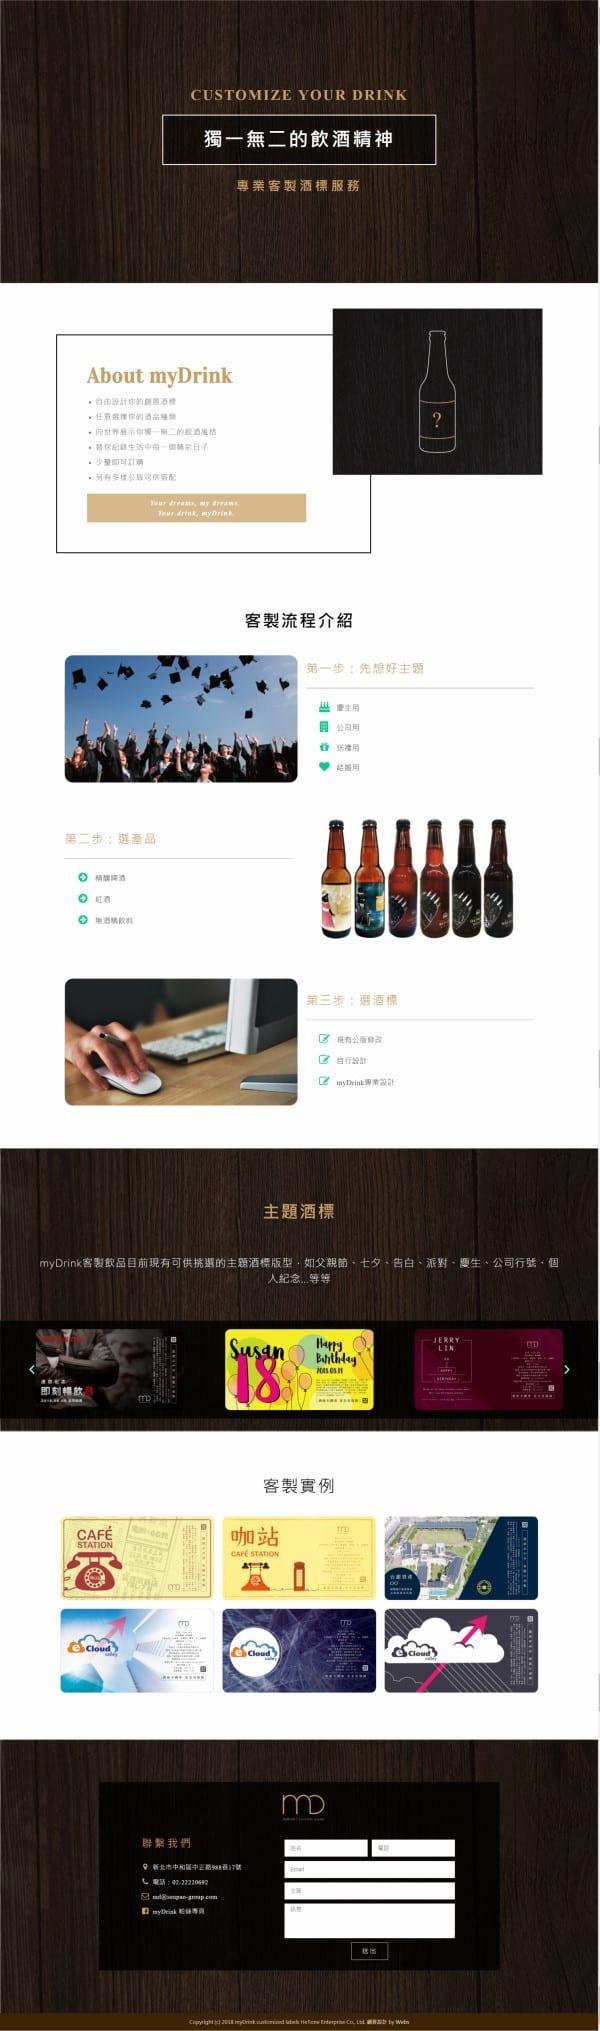 網頁設計-My Drink